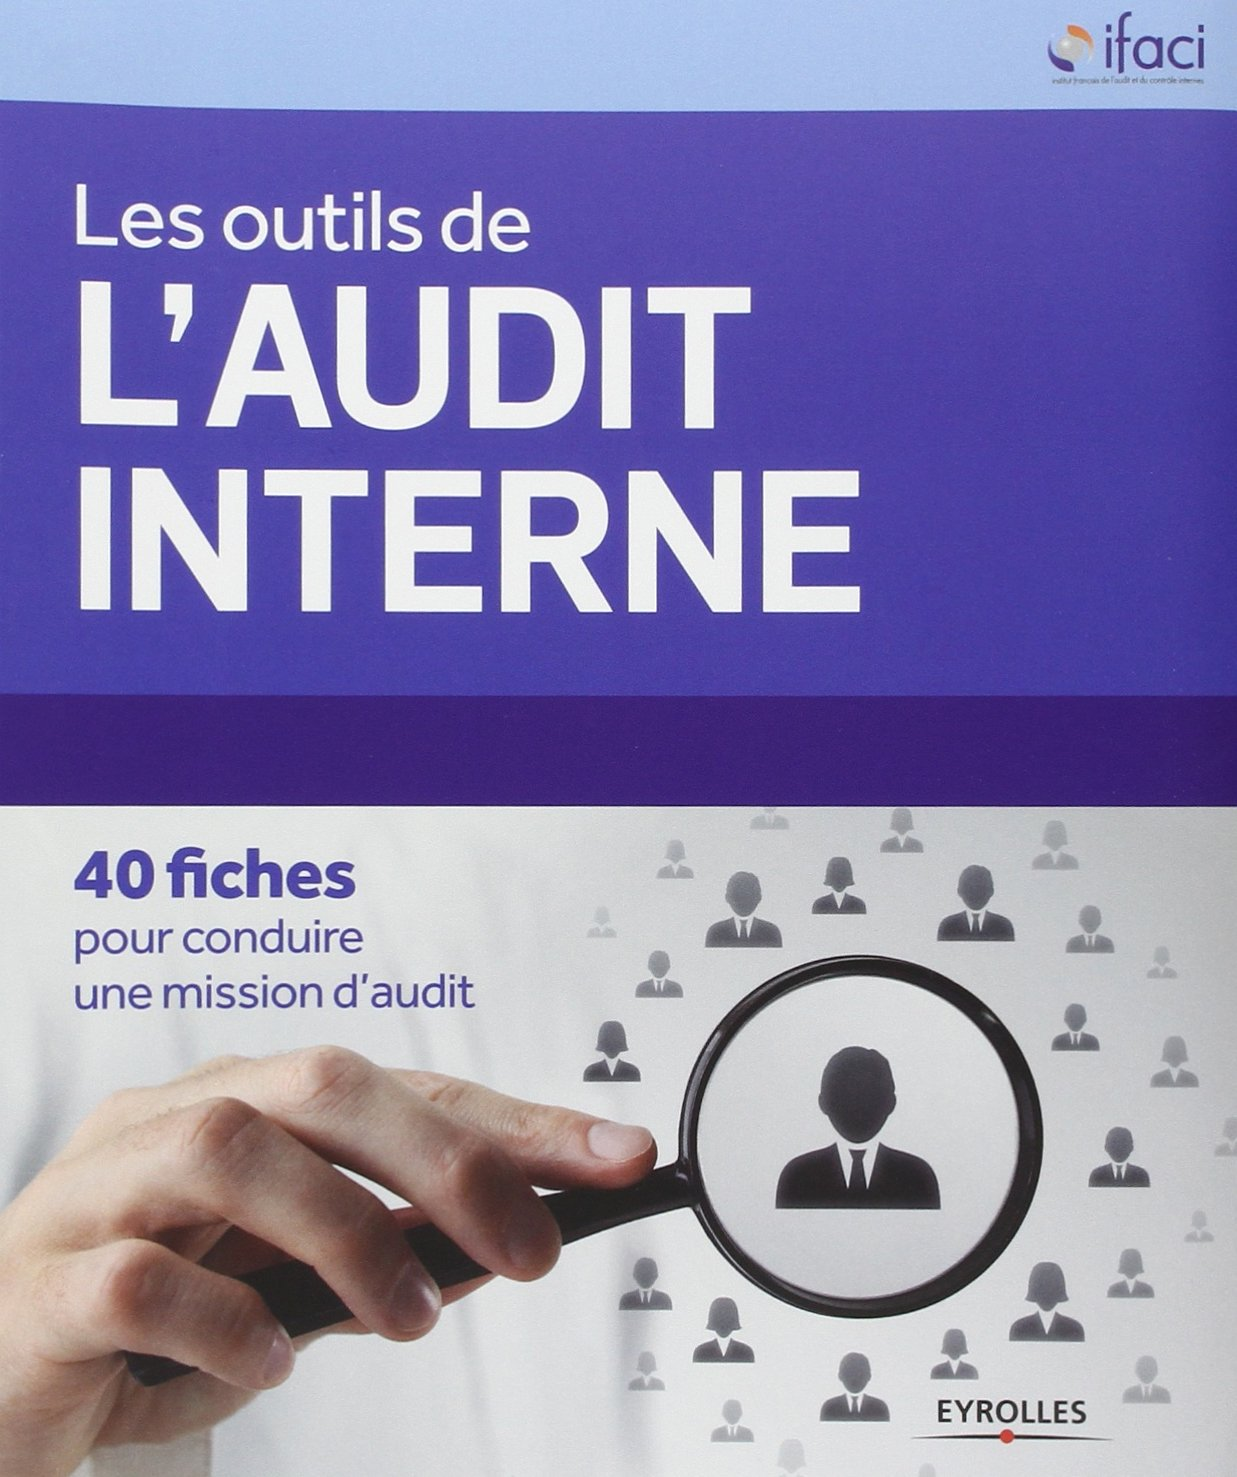 télécharger LES OUTILS DE L'AUDIT INTERNE : 40 FICHES POUR CONDUIRE UNE MISSION D'AUDIT